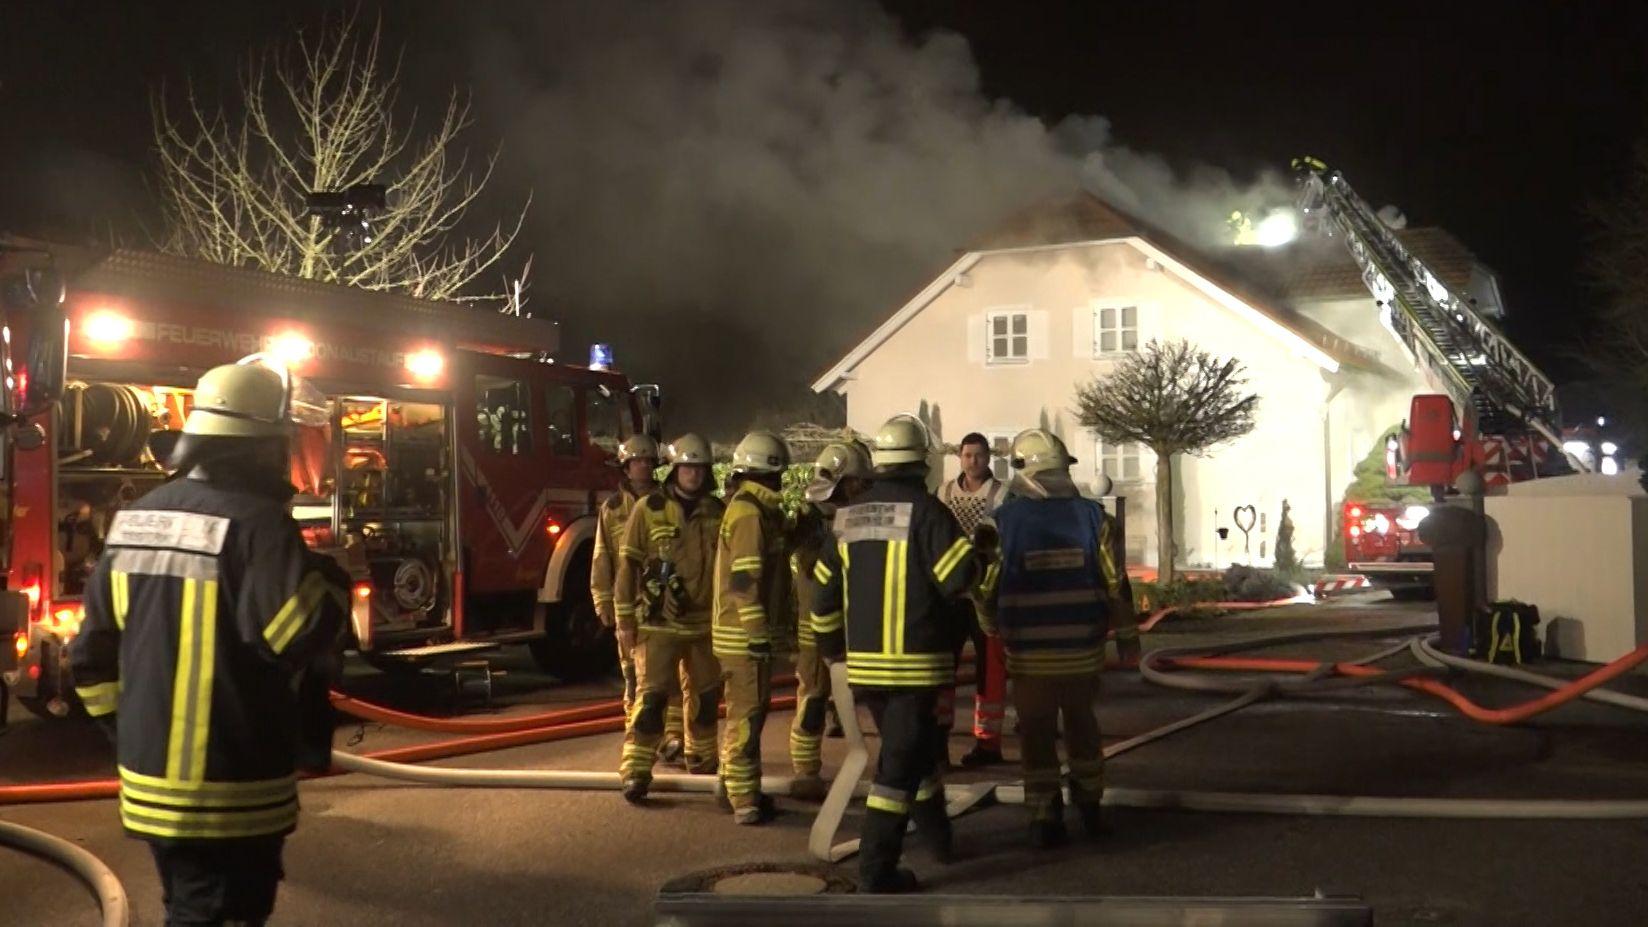 Feuerwehreinsatz vor dem Einfamilienhaus in Tegernheim